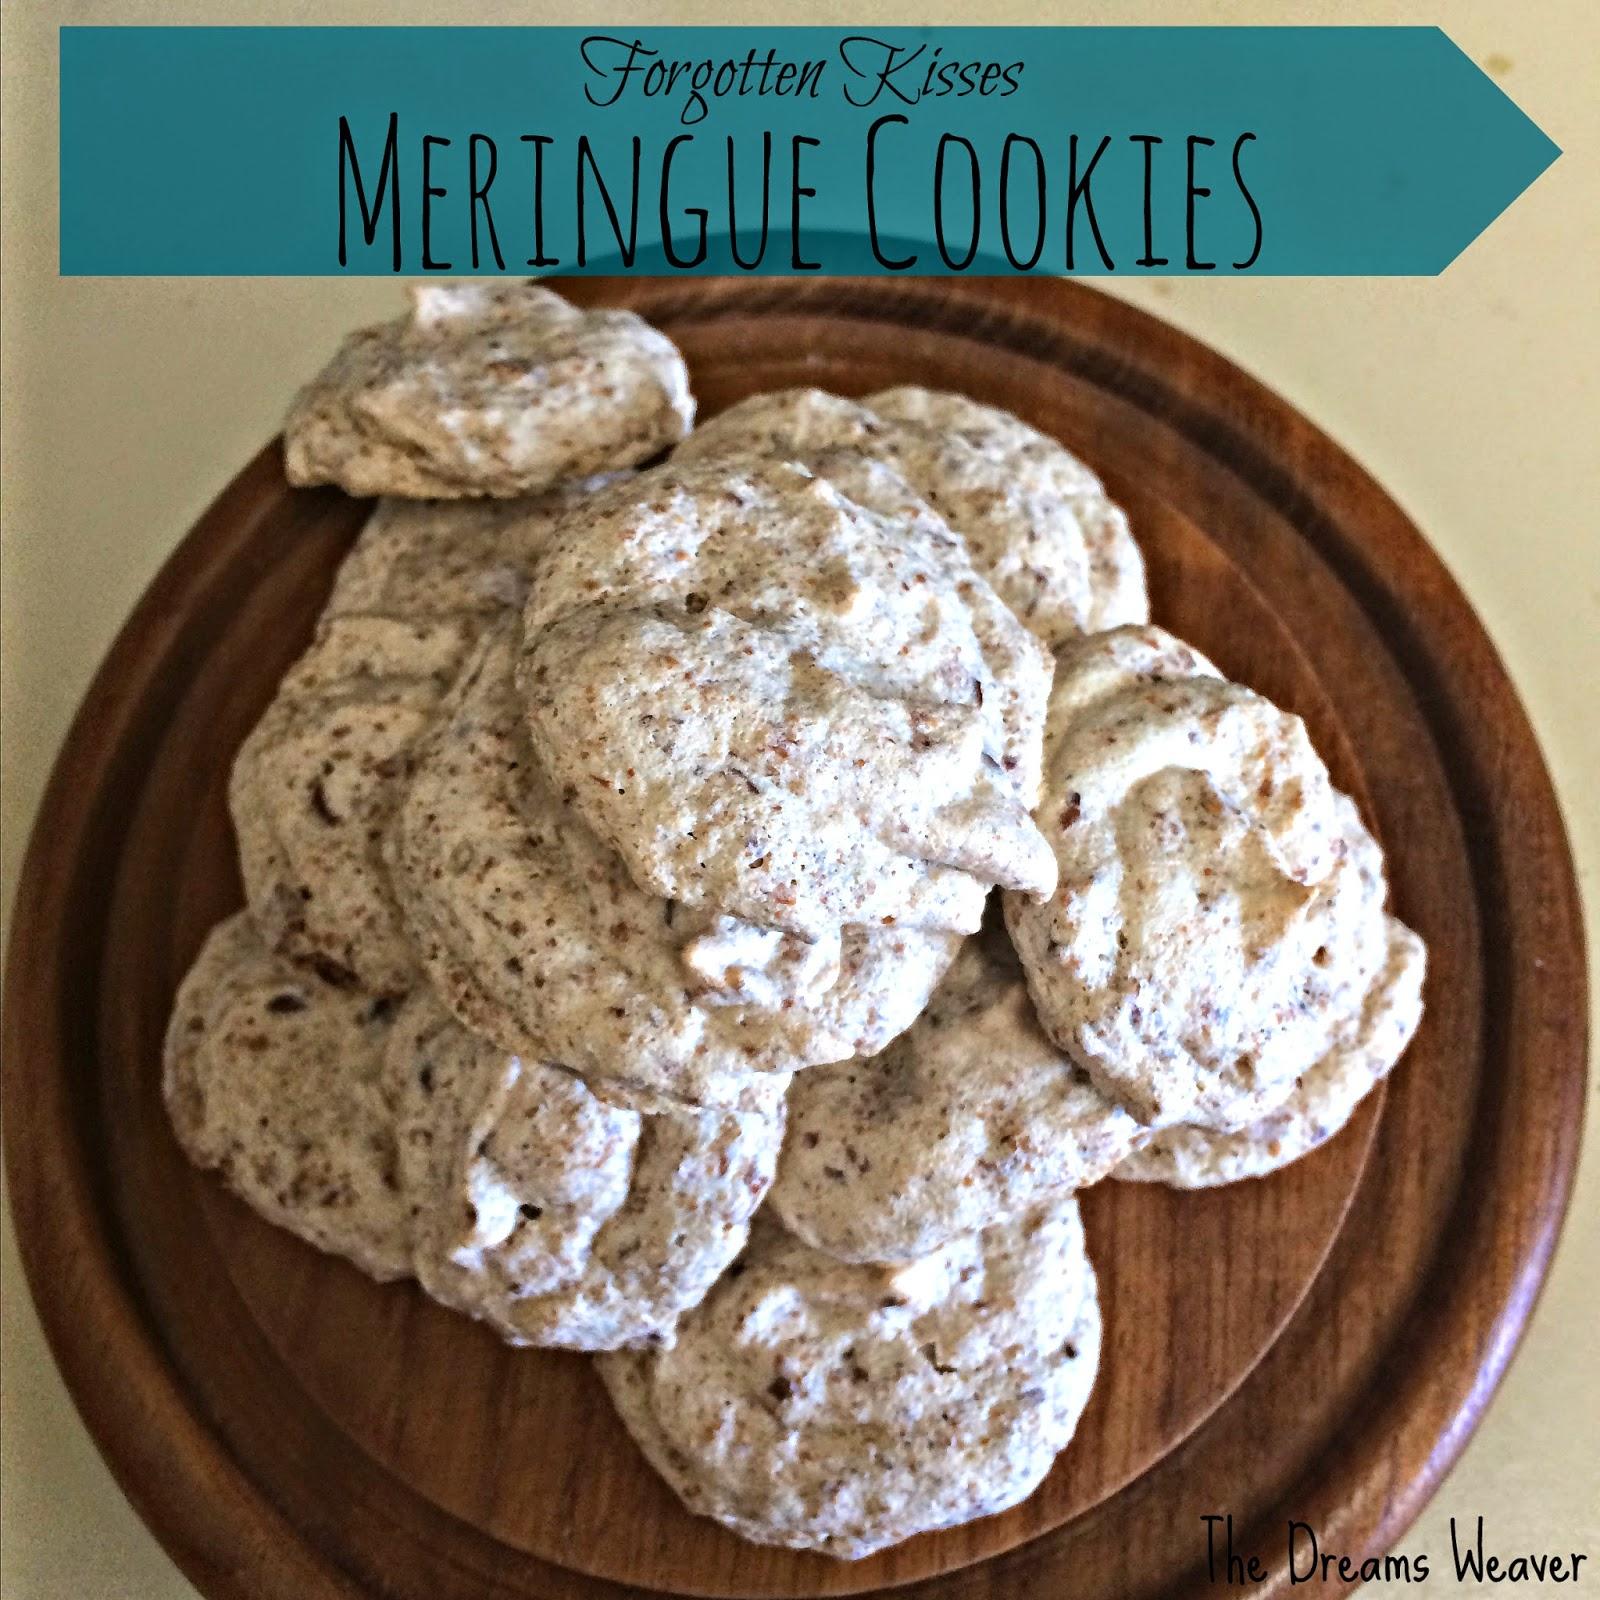 Forgotten Kisses Meringue Cookies~ The Dreams Weaver